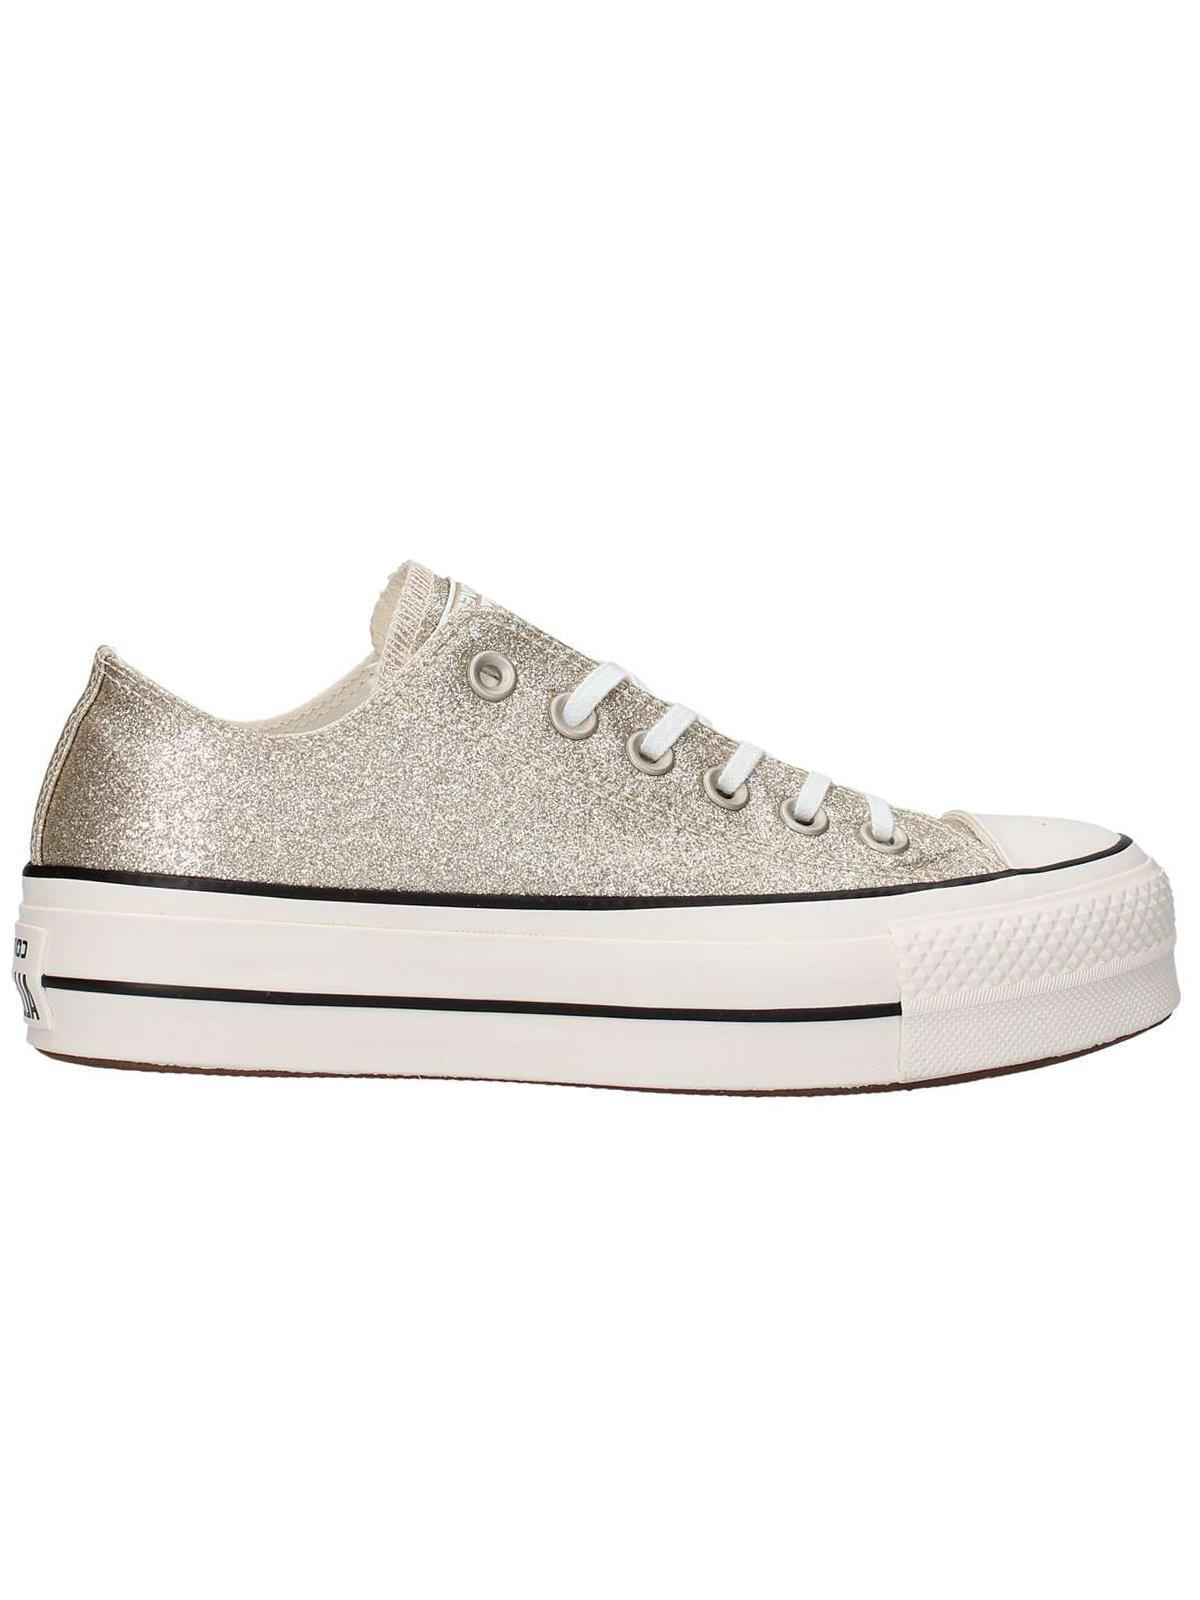 Converse All Star Glitter Lift Gold Ox W Gold Lift 8207de